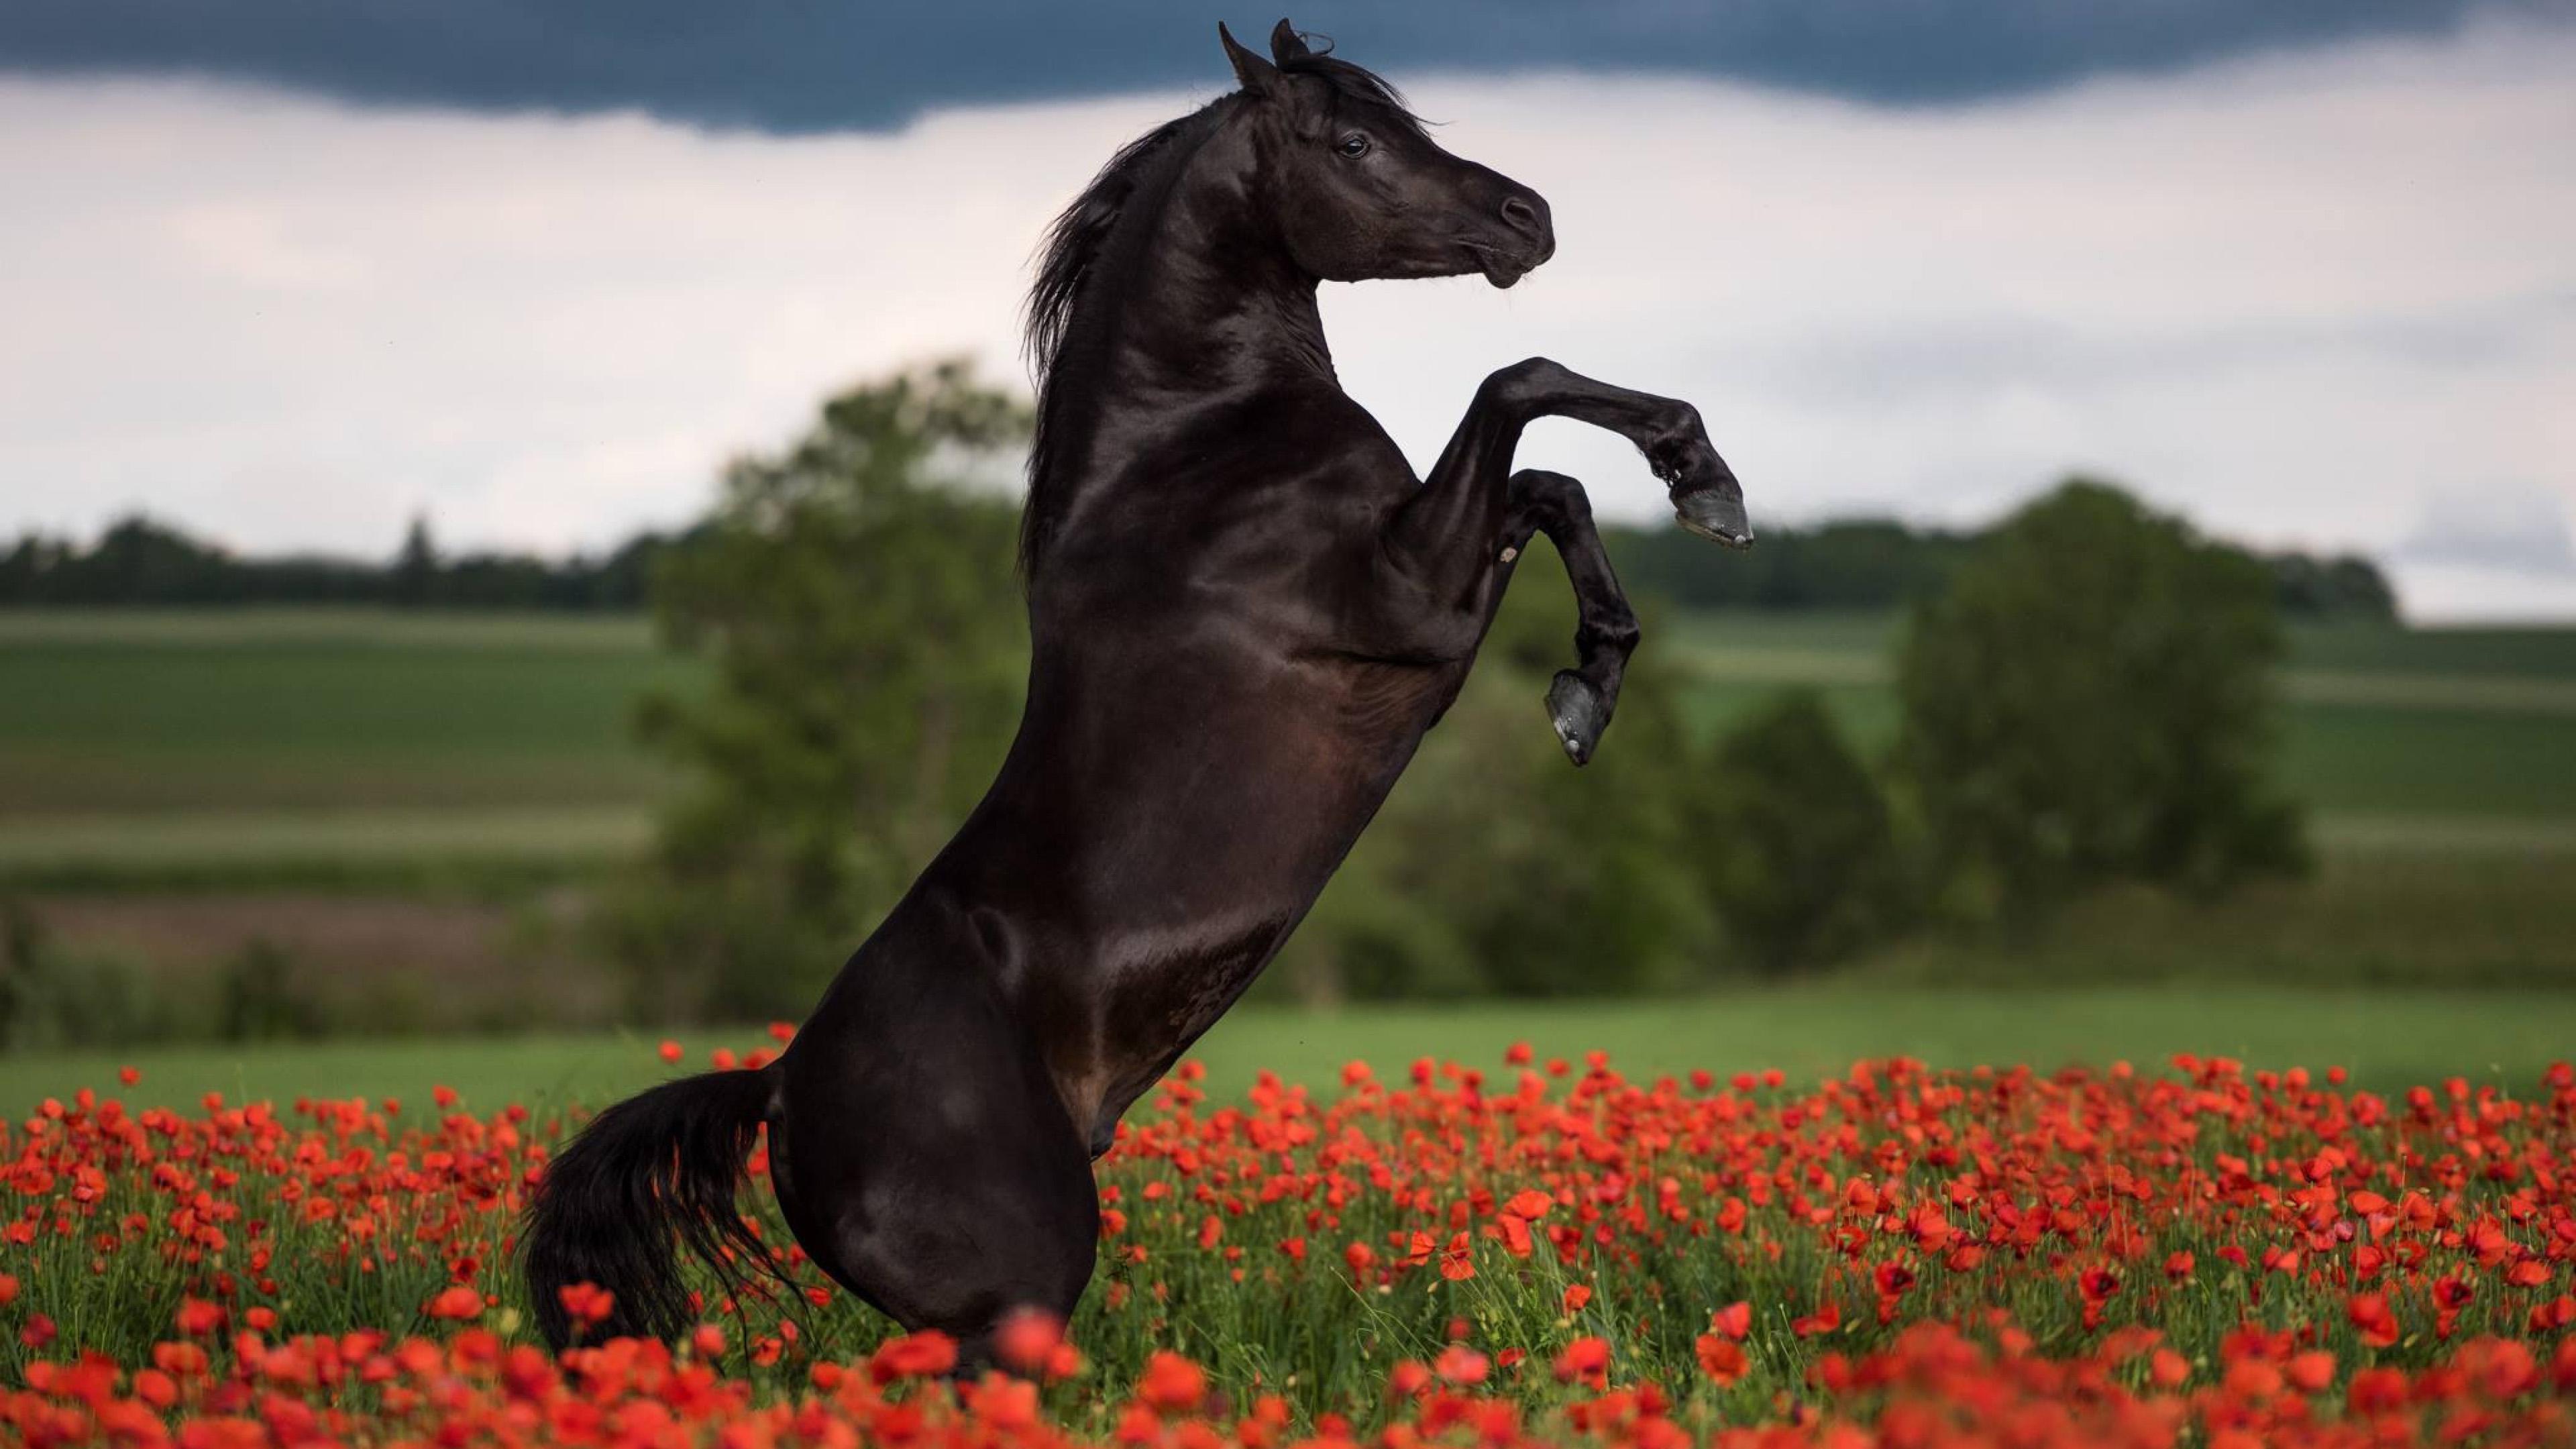 Лошади, конь, черный, horse 4k